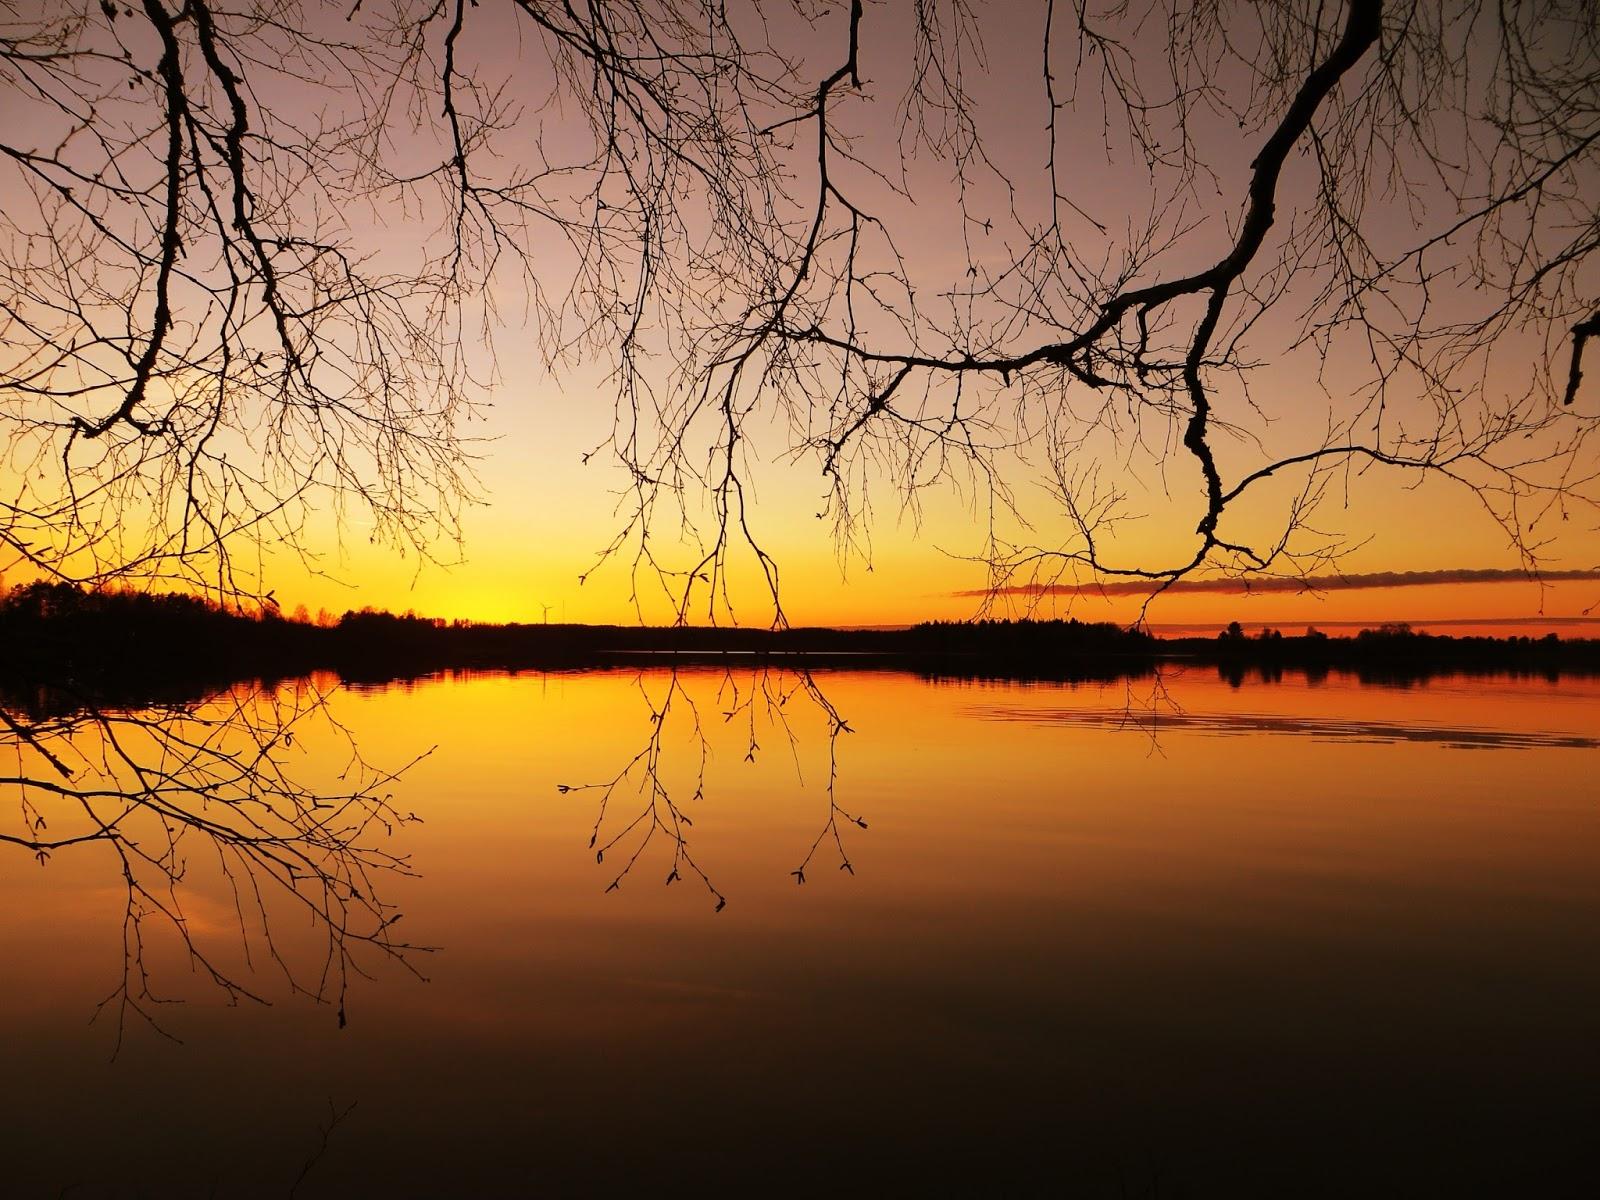 auringonlasku, Ikaalinen, Kyrösjärvi, upeita auringonlaskuja, upea auringonlasku, auringonlasku Pirkanmaa, auringonlasku Suomi, sunset, amazing view, amazing sunset, sunset in Finland